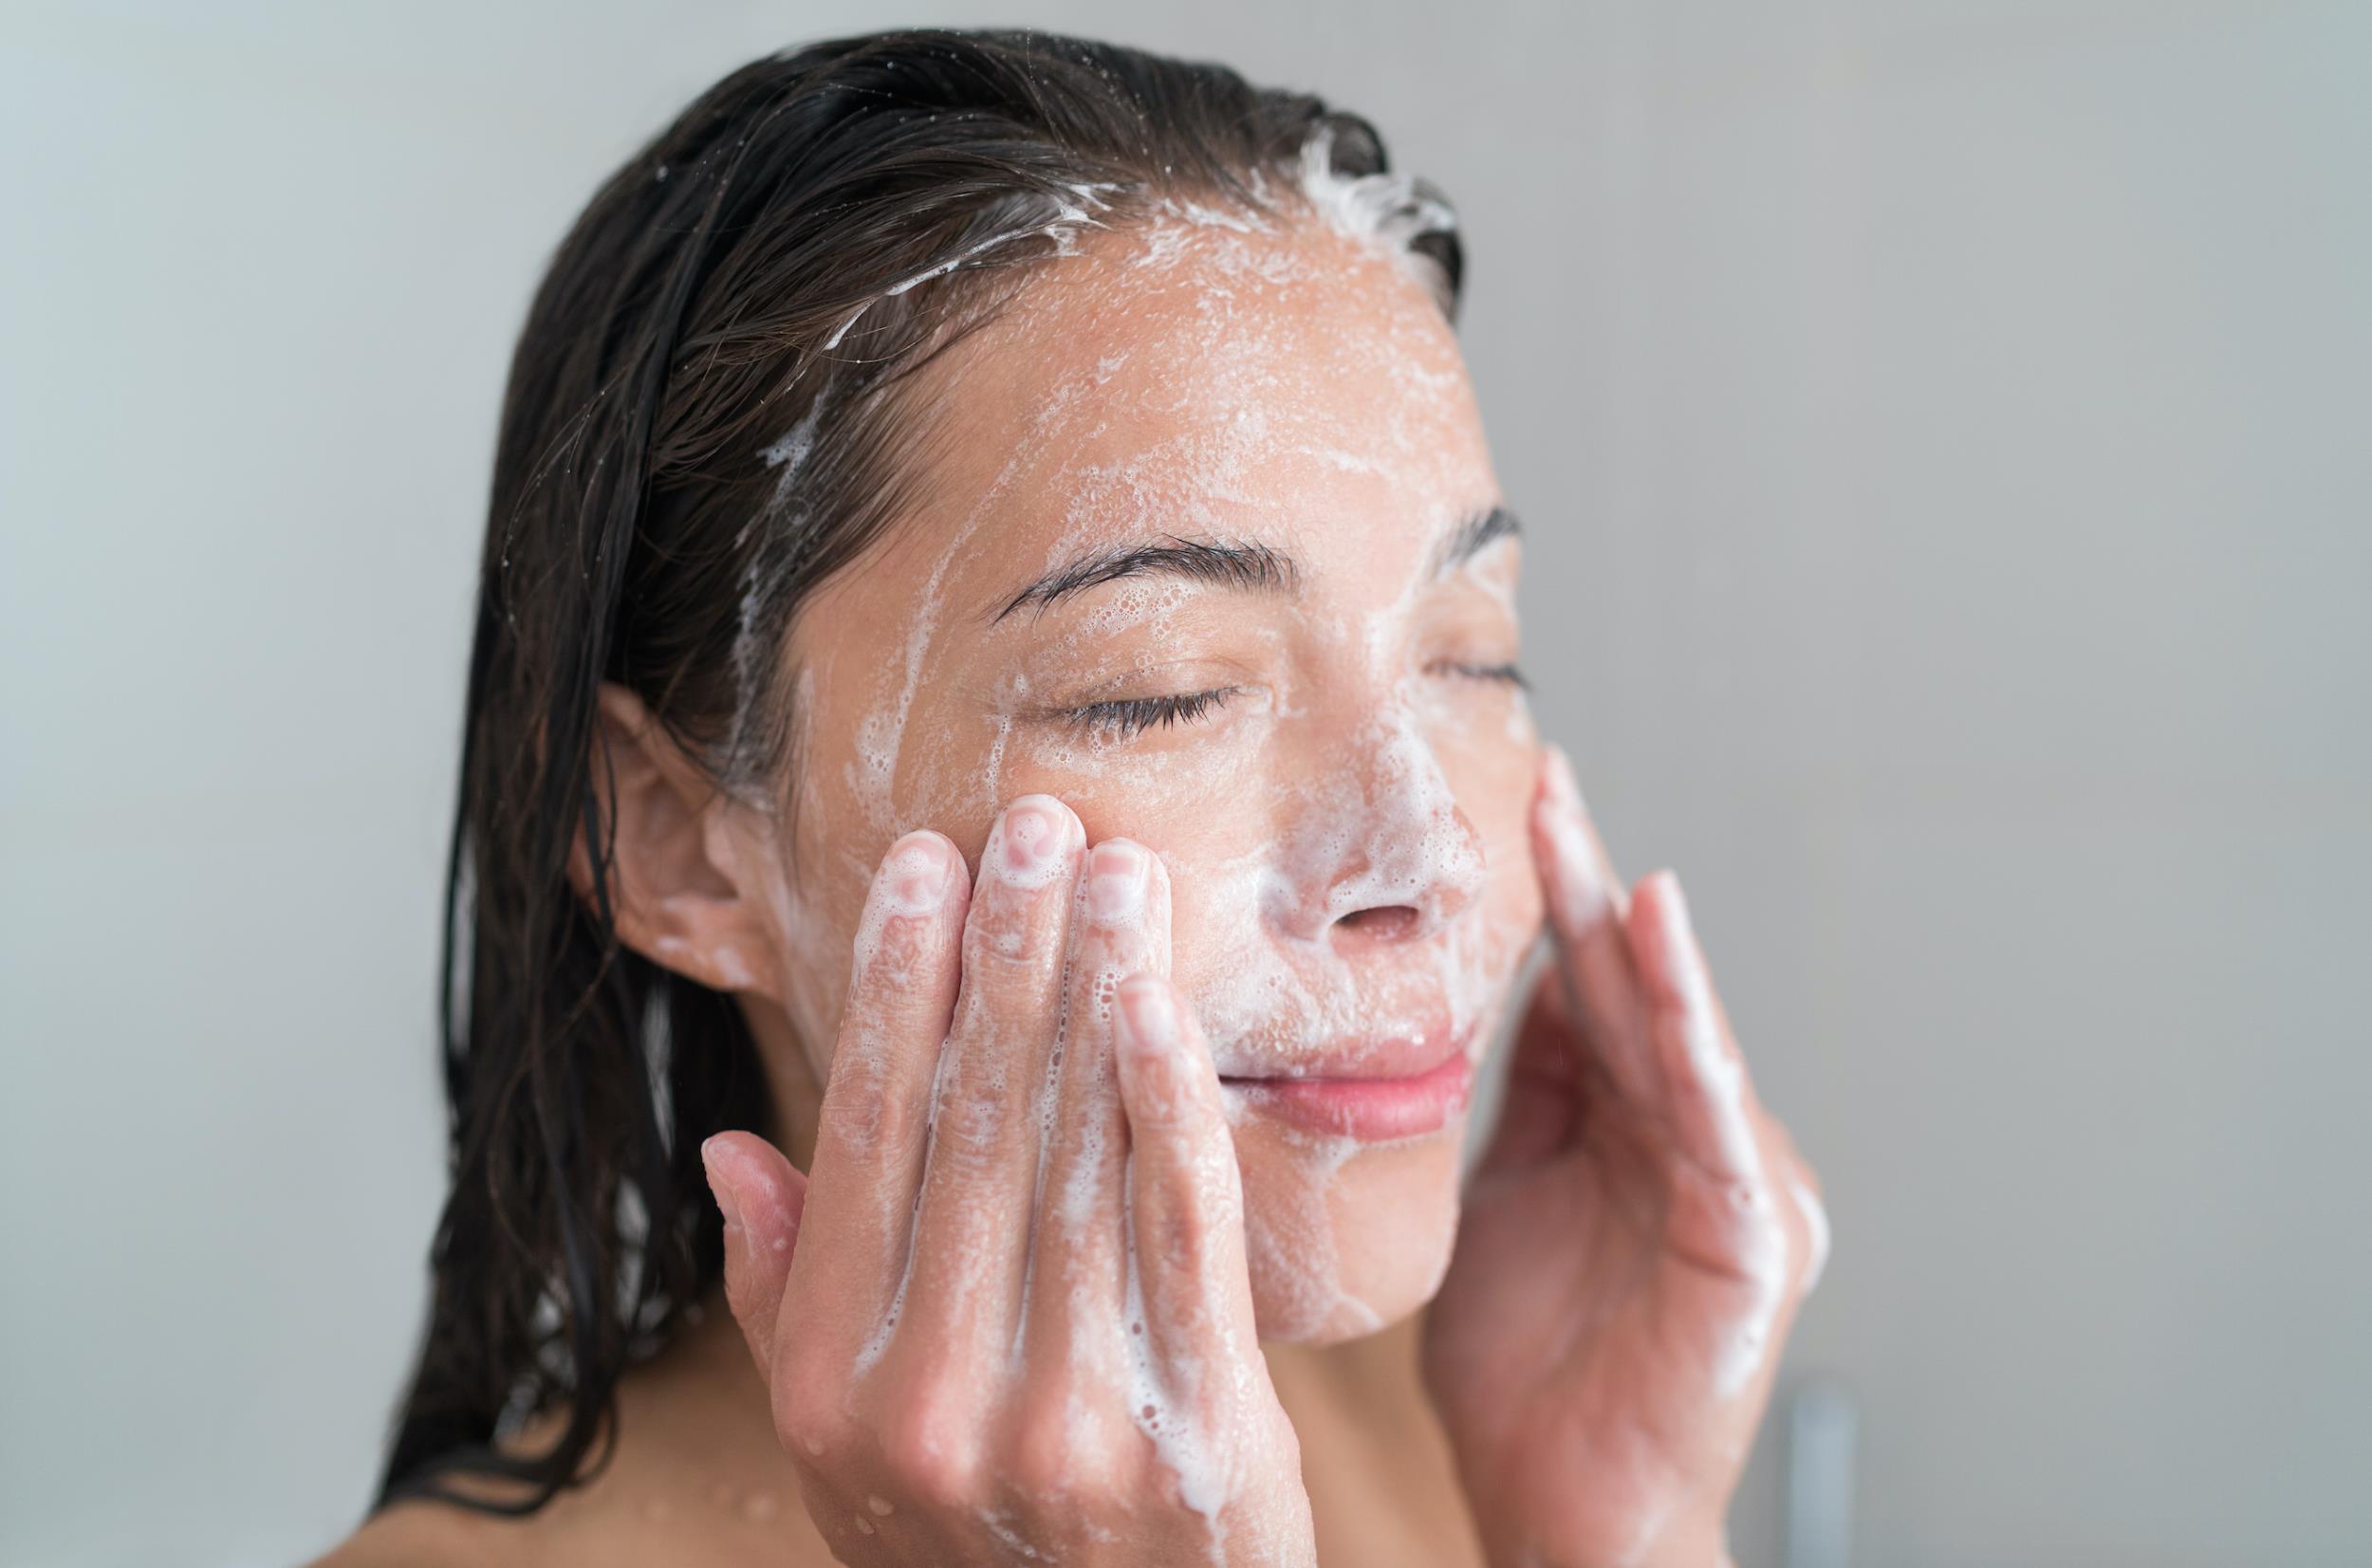 Tẩy trang và rửa mặt trong 1 bước: Là do bạn không biết cách chăm sóc da hay vì lười? - Ảnh 4.